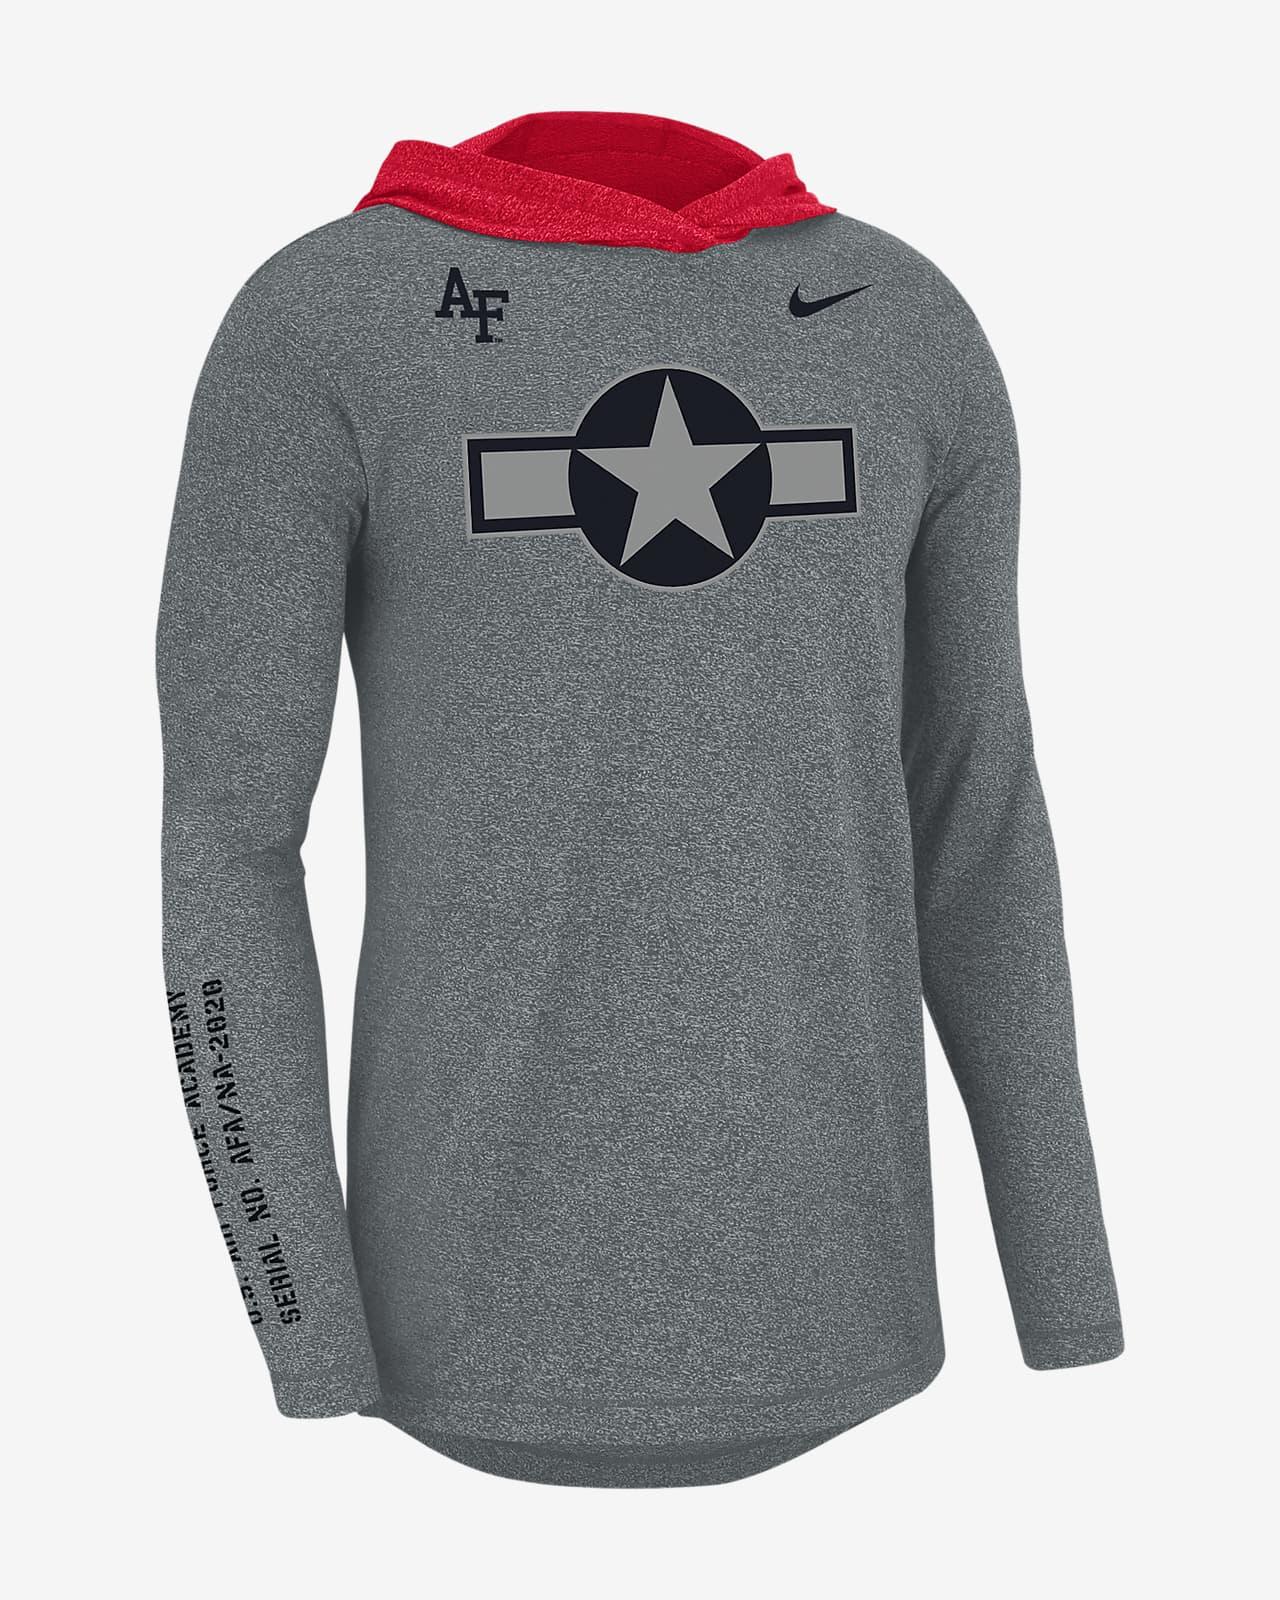 Nike College (Air Force) Men's Long-Sleeve Marled Hoodie T-Shirt